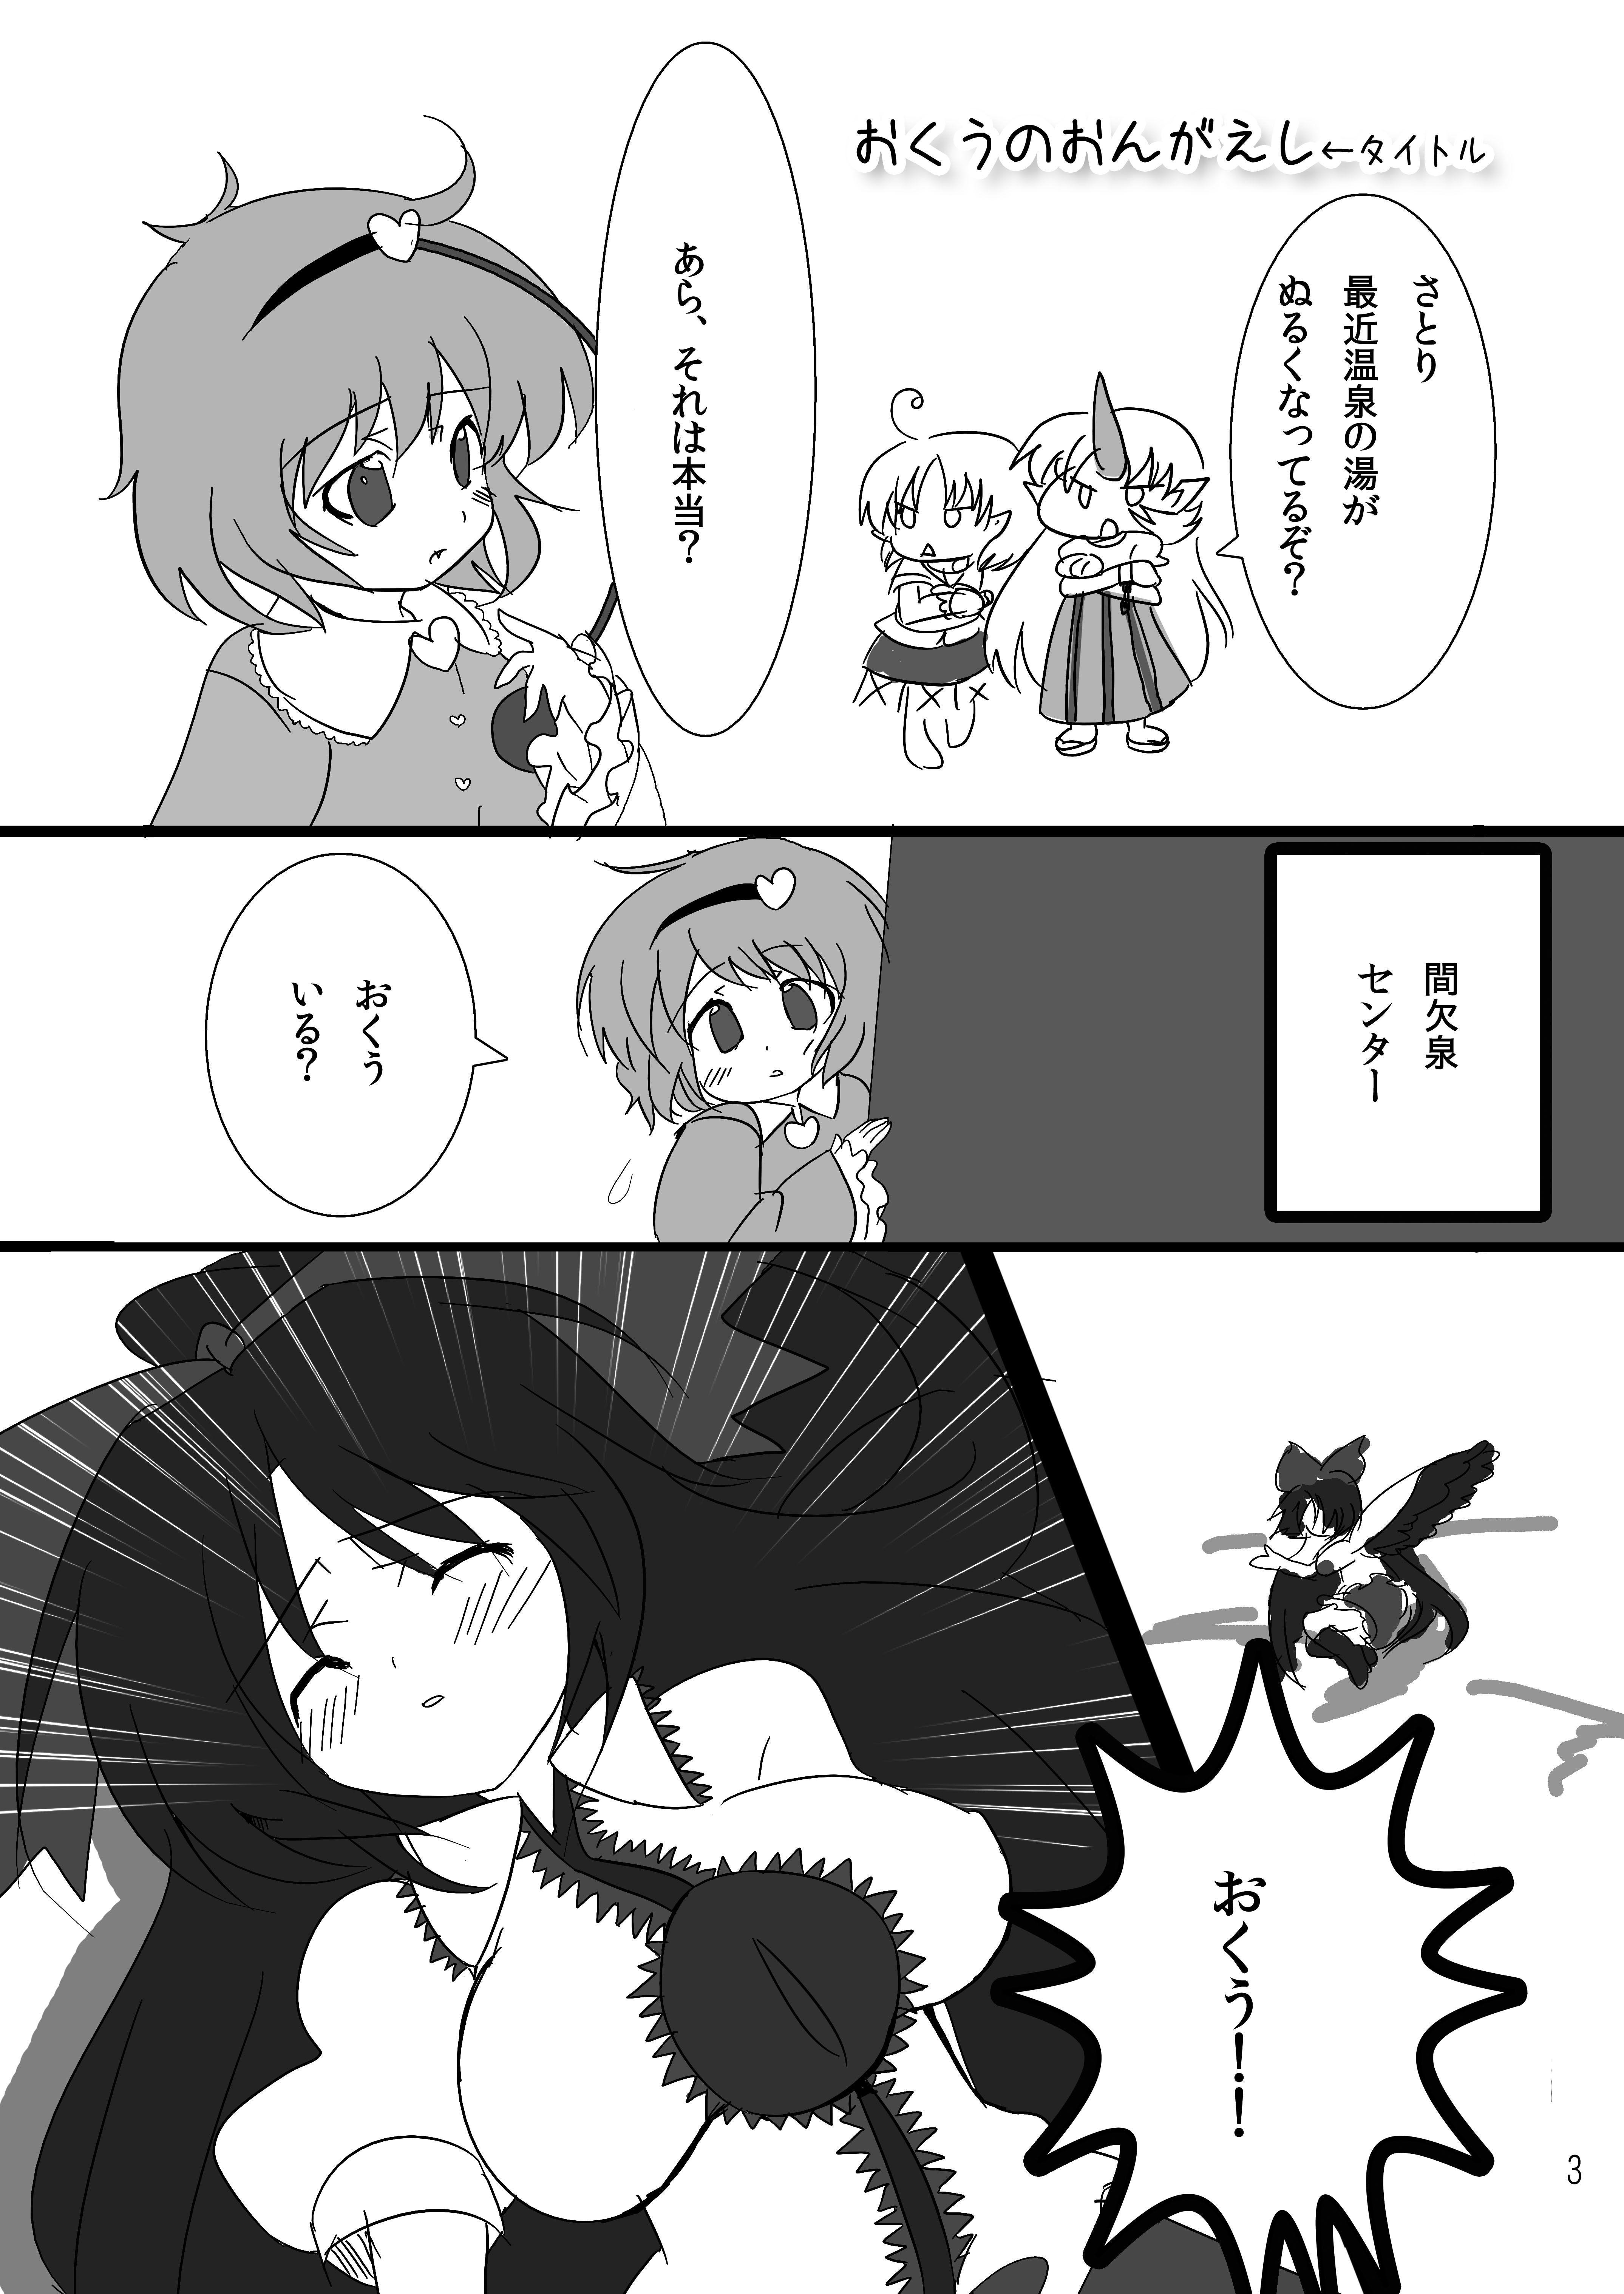 【焔 同人】1stattack!